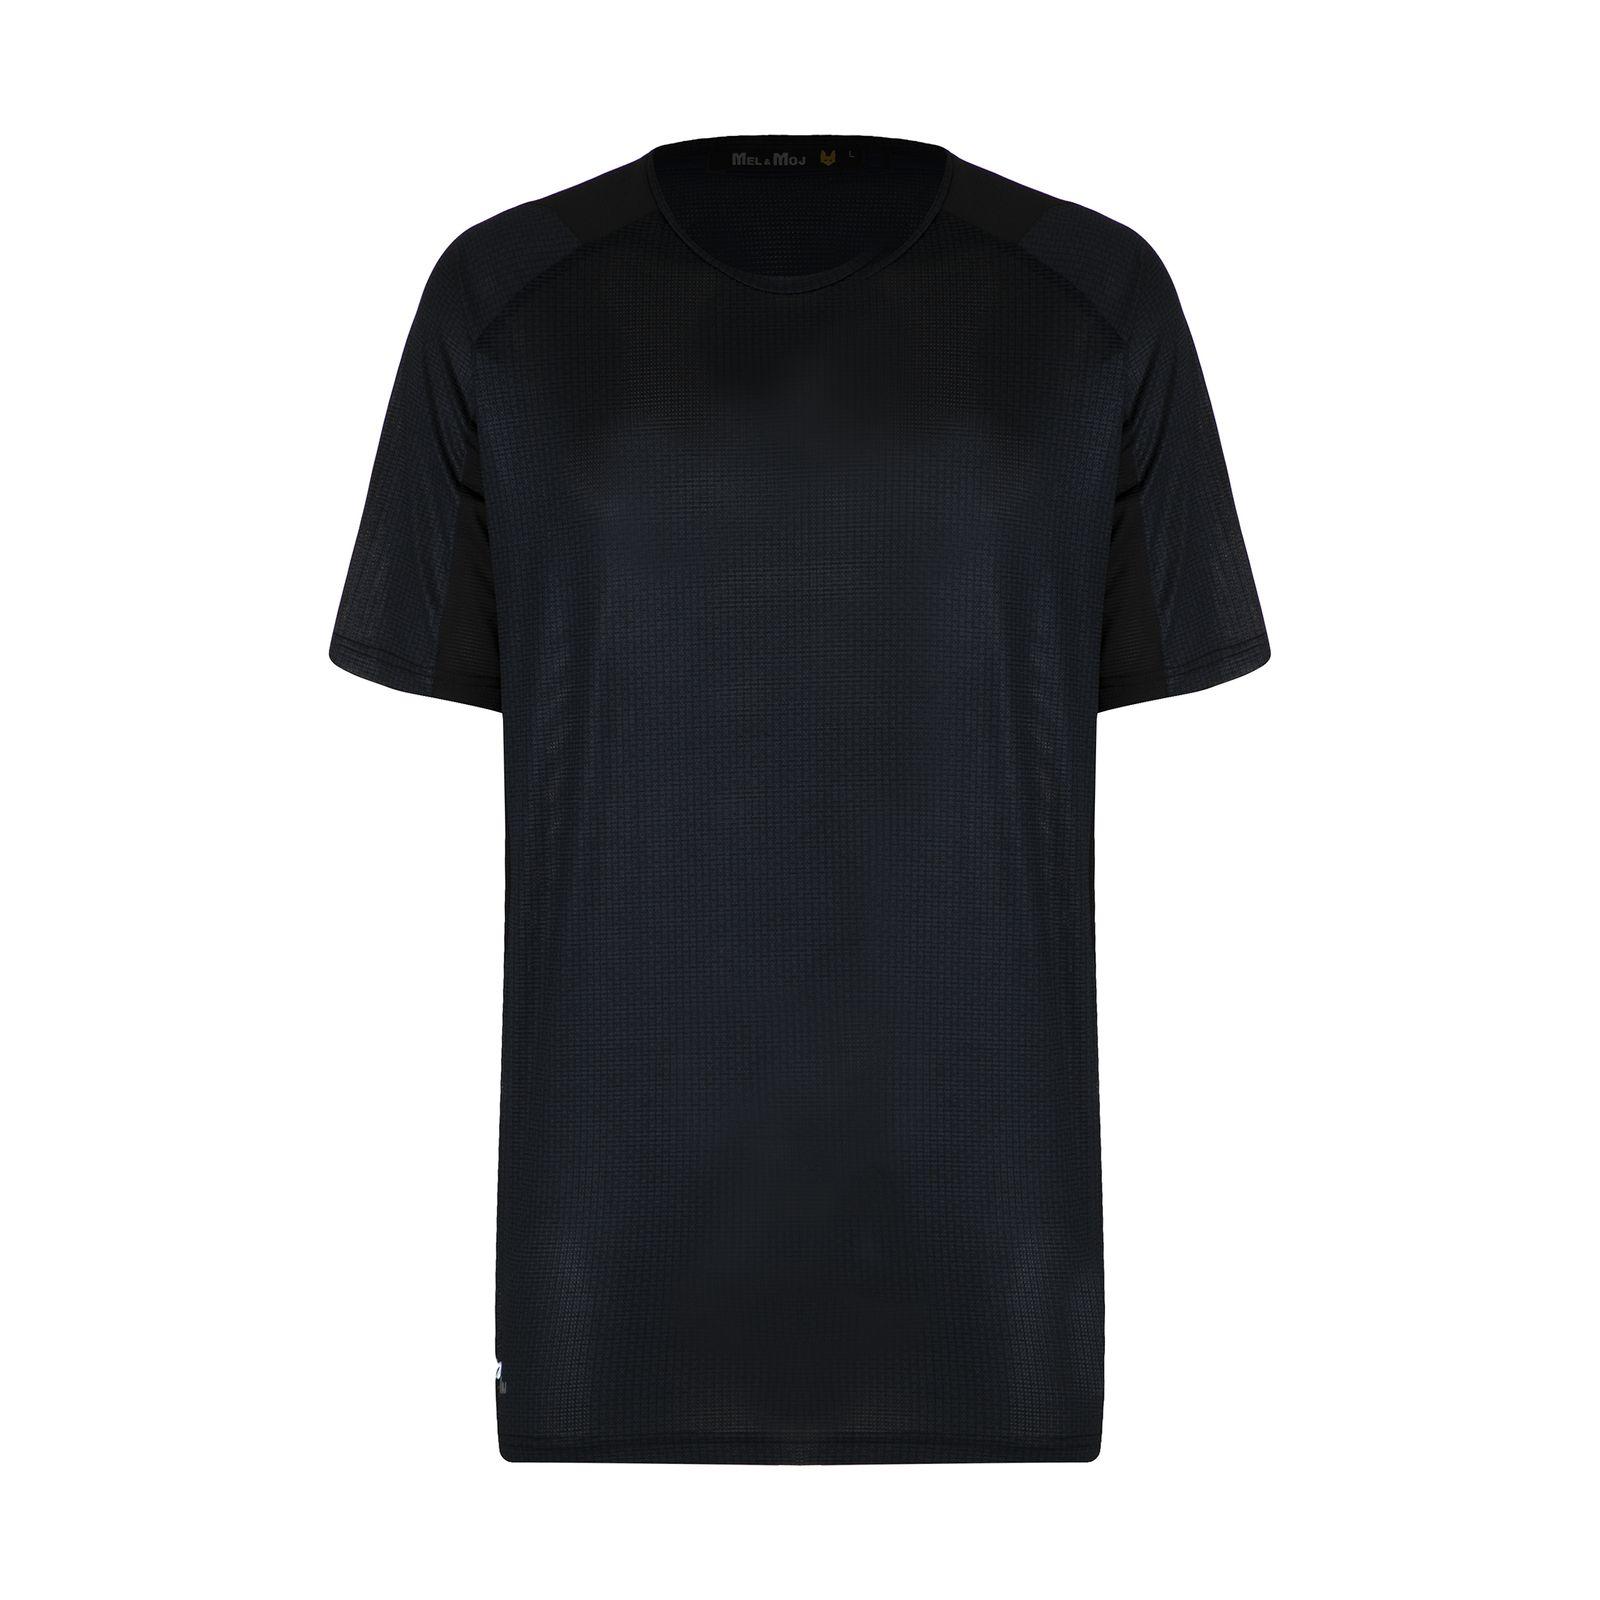 تیشرت آستین کوتاه مردانه مل اند موژ مدل KT0015-001 -  - 2